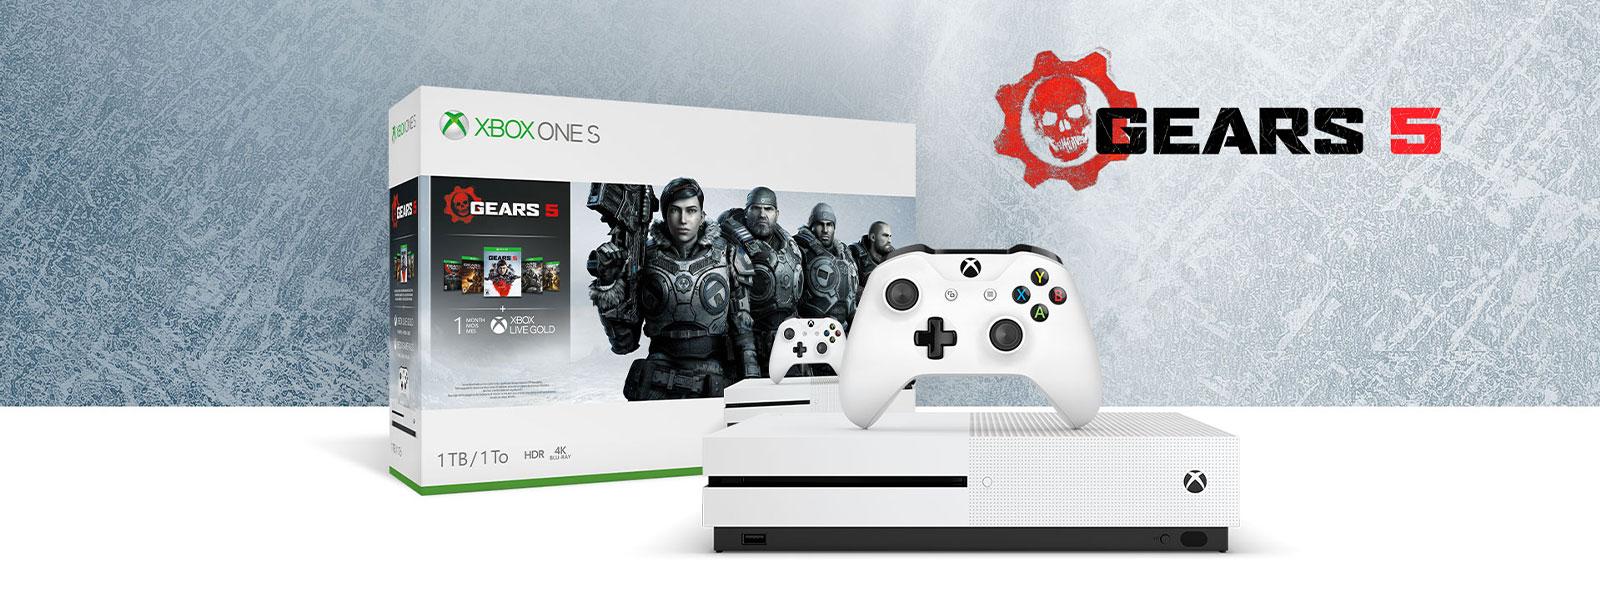 Xbox OneS Gears5 Bundle vor einem Hintergrund mit Eiskristallstruktur